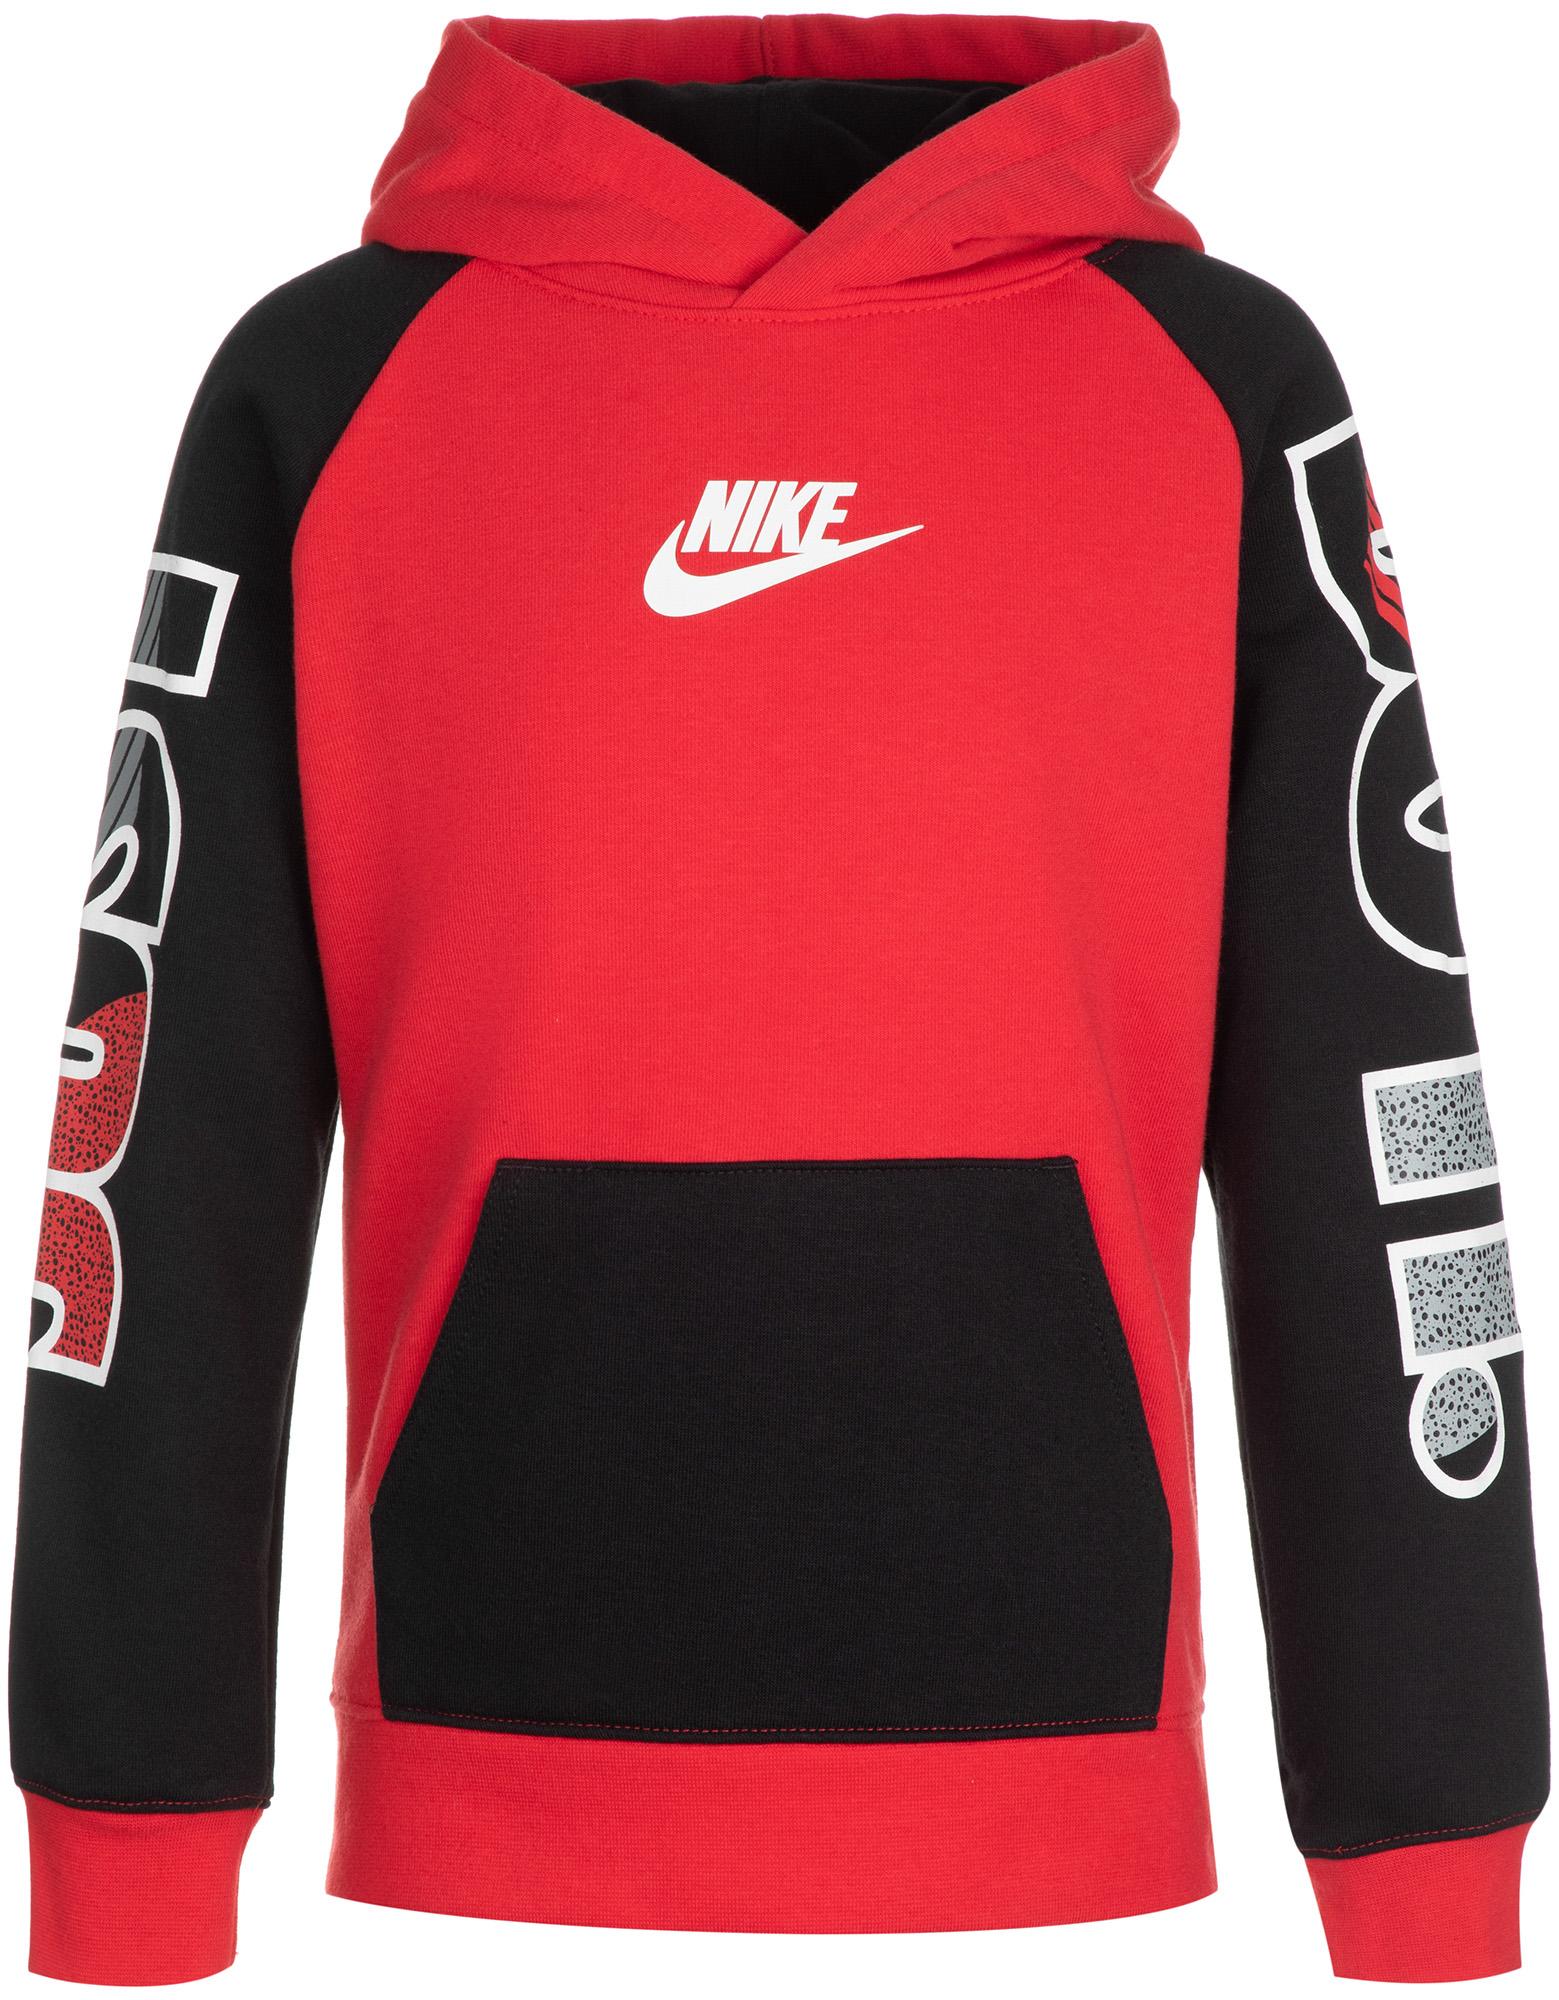 Фото - Nike Худи для мальчиков Nike Sportswear Just Do It Fly, размер 104 nike свитшот мужской nike sportswear just do it размер 52 54